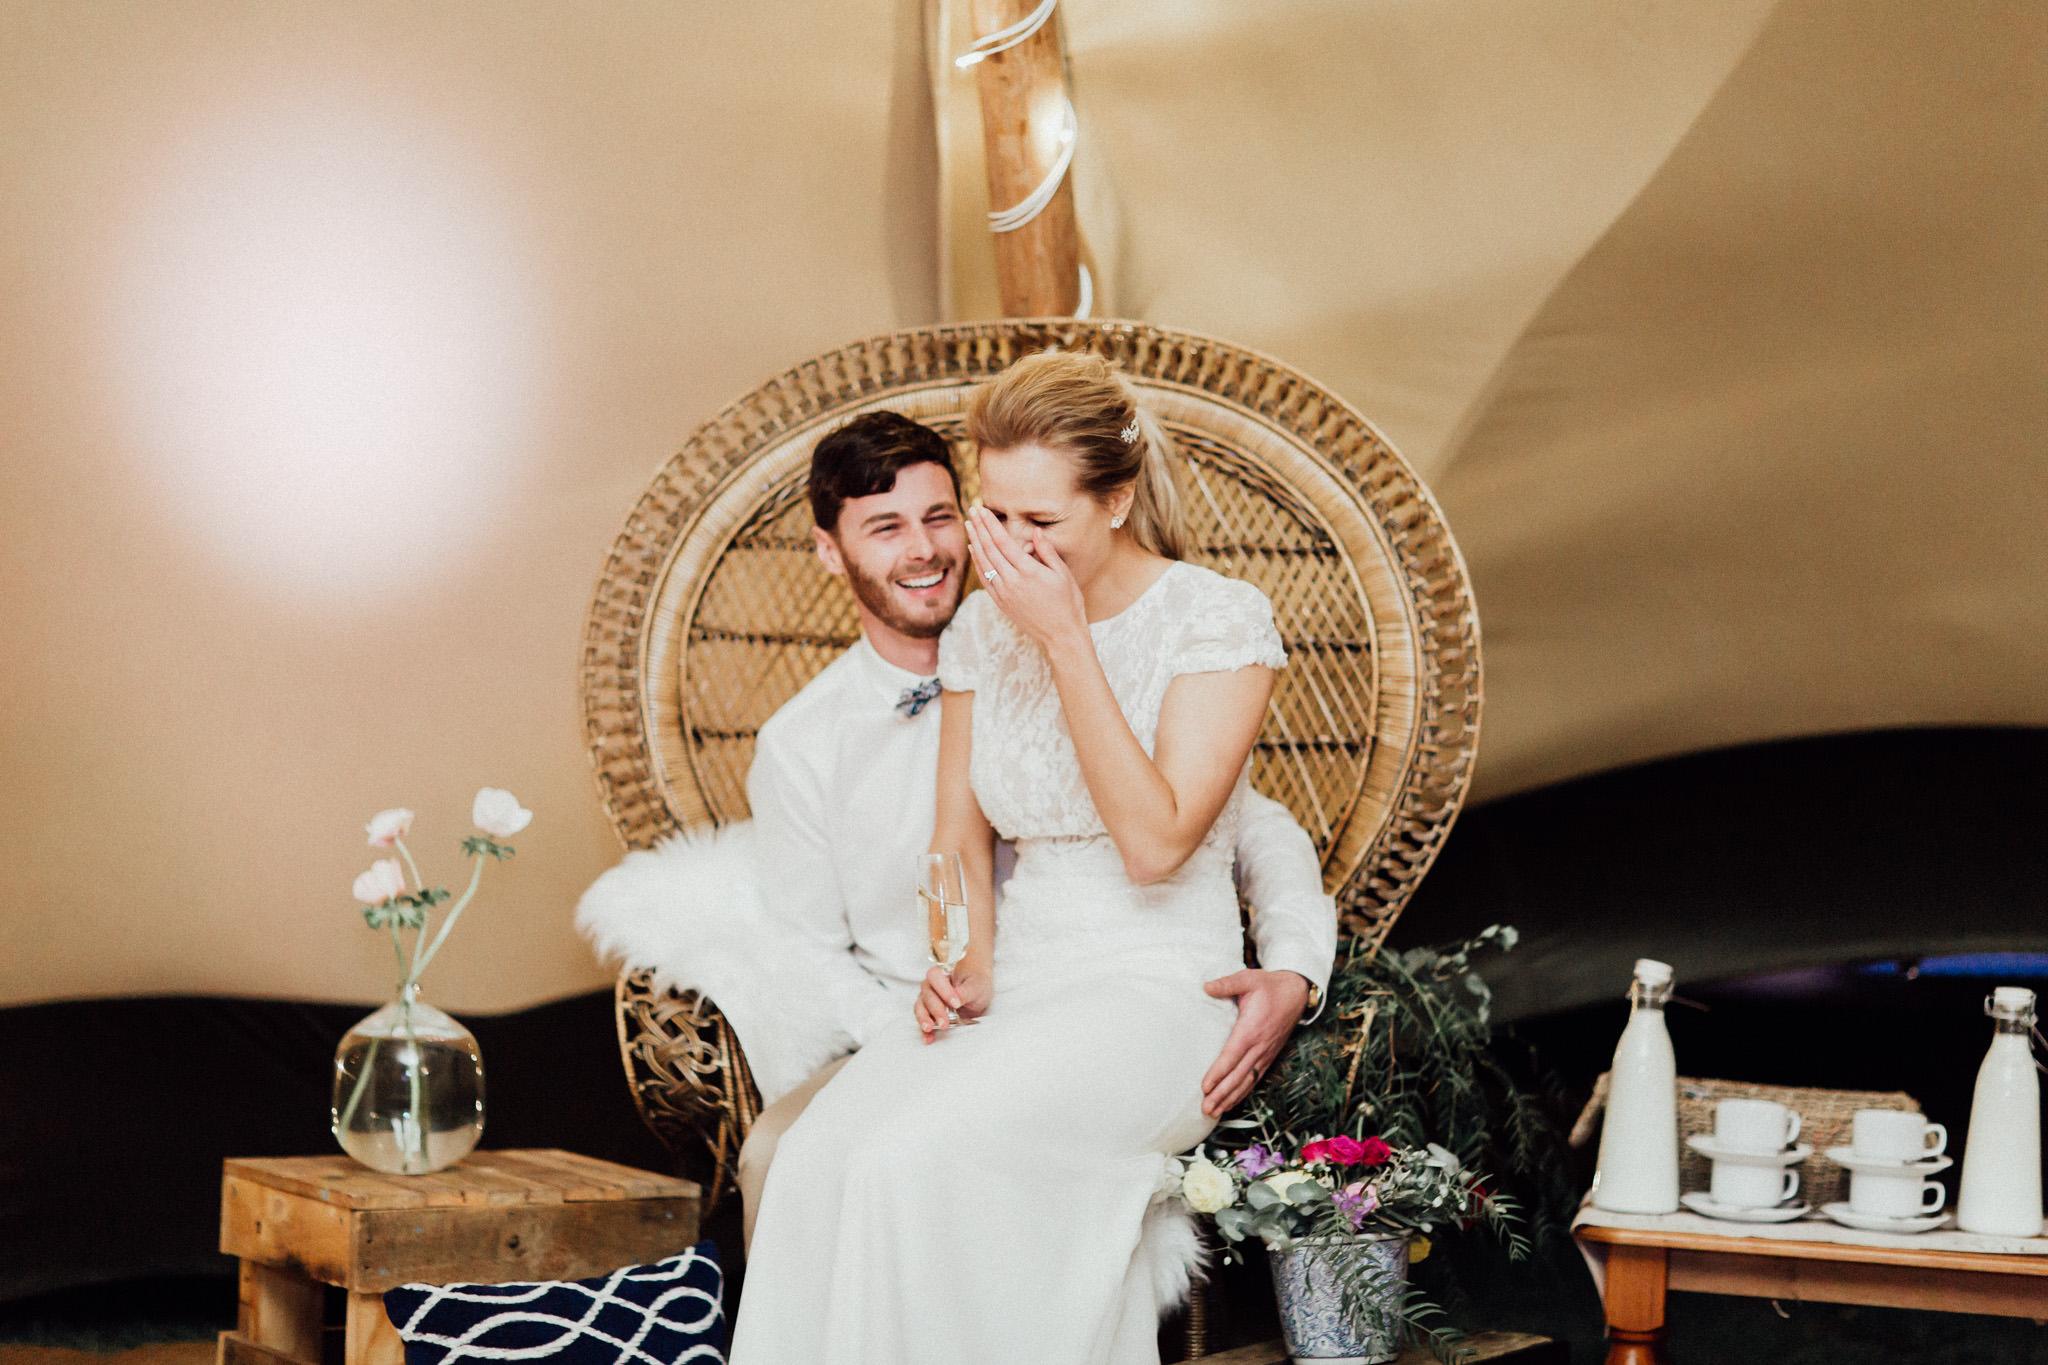 WeddingPhotos_Facebook_2048pixels-1833.jpg